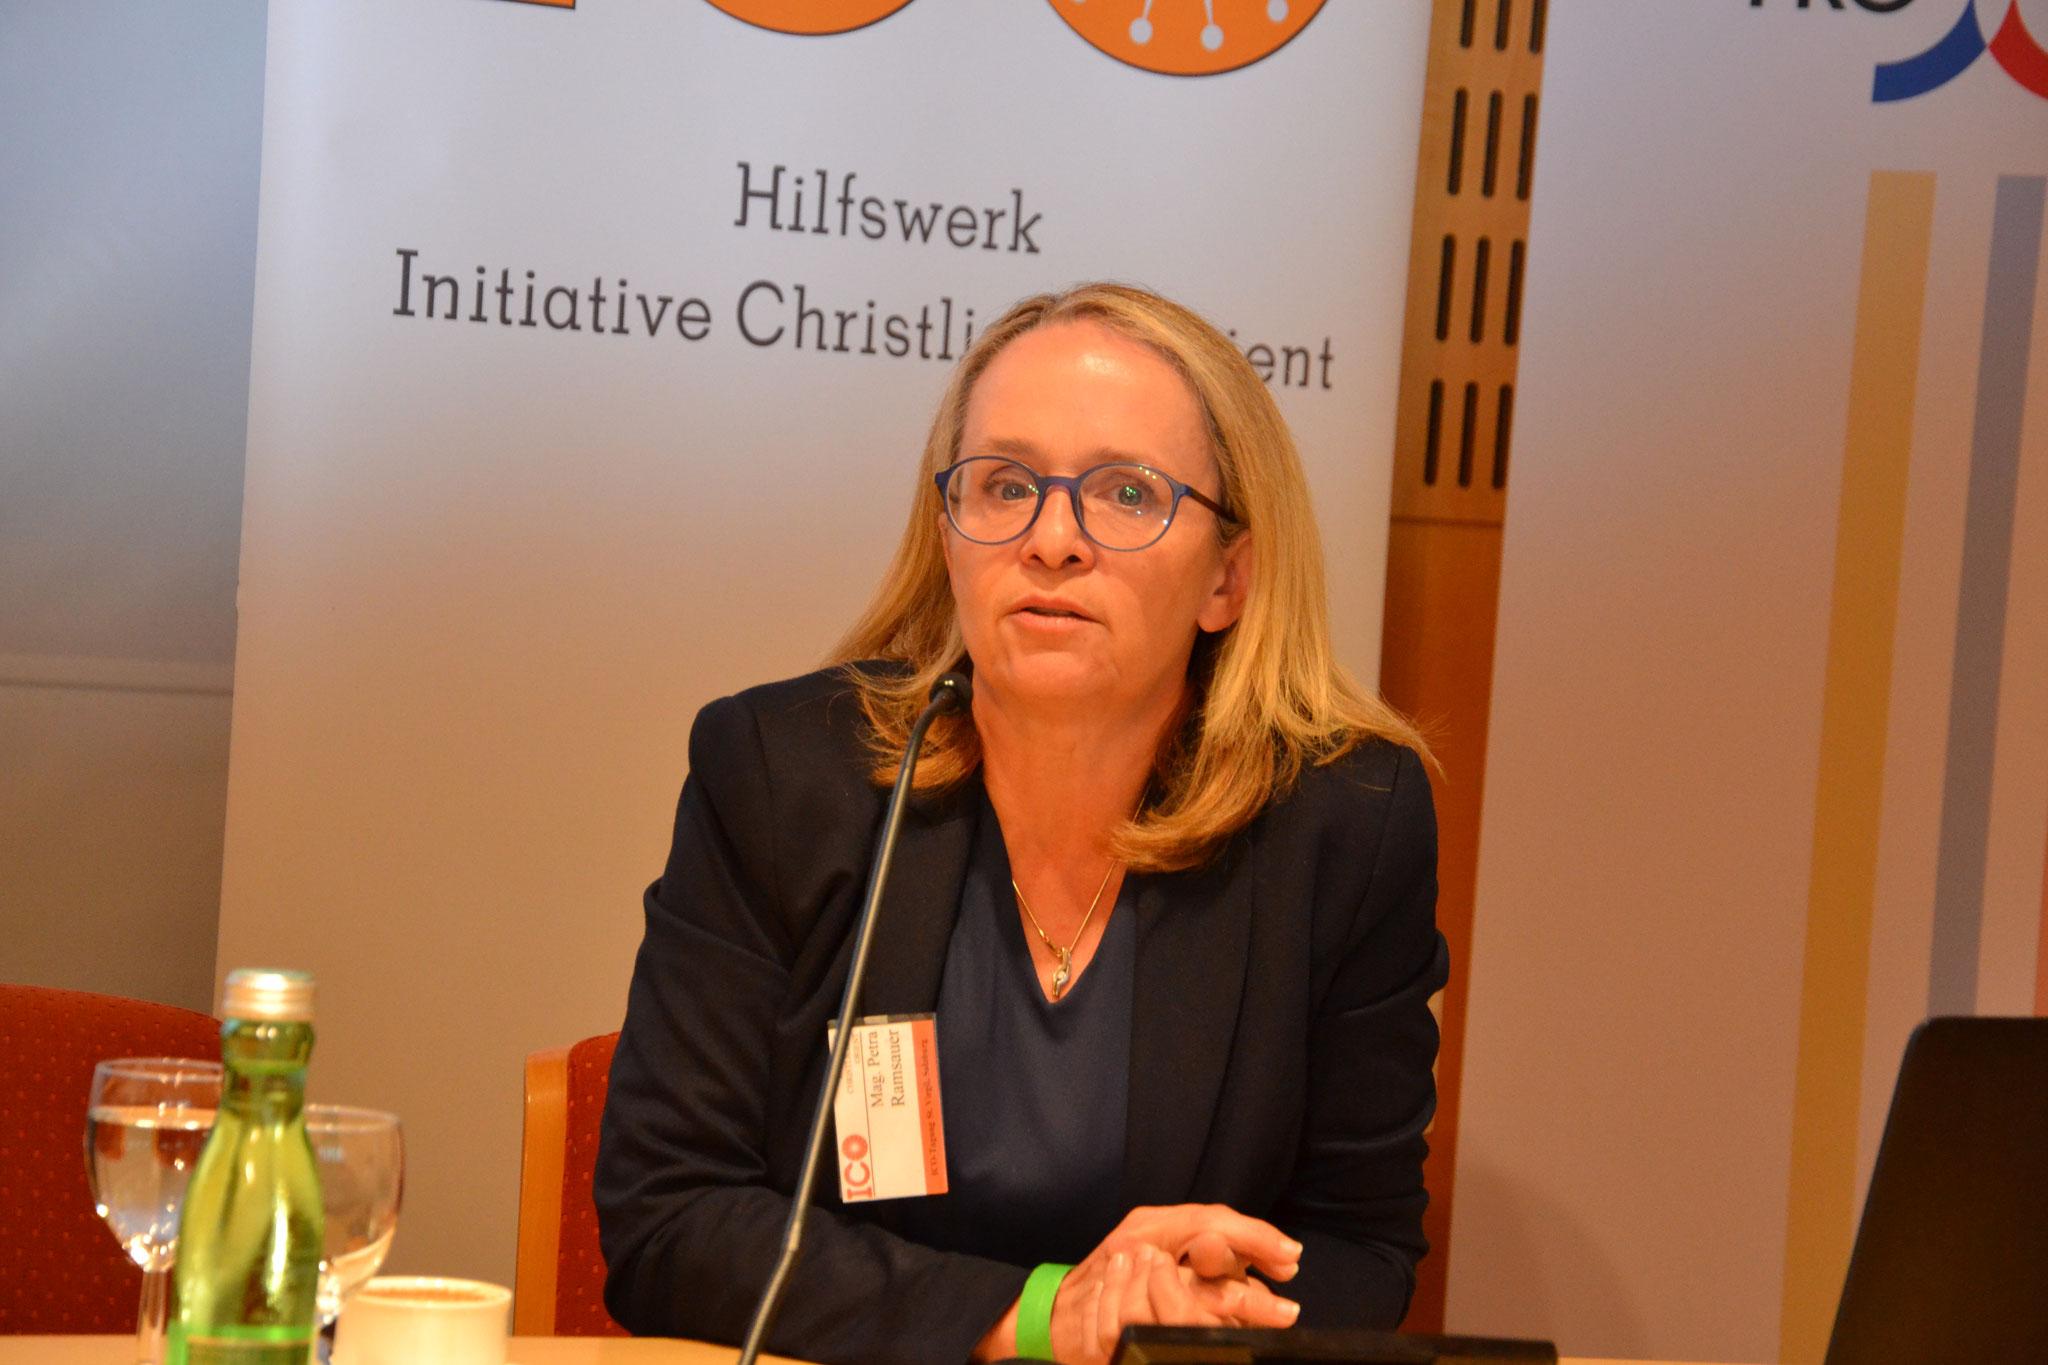 Die ehemalige Kriegsberichterstatterin und jetzige Psychotherapeutin Petra Ramsauer berichtete über die Situation der Christen im Irak. Sie war rund 25 Mal vor Ort im Land.